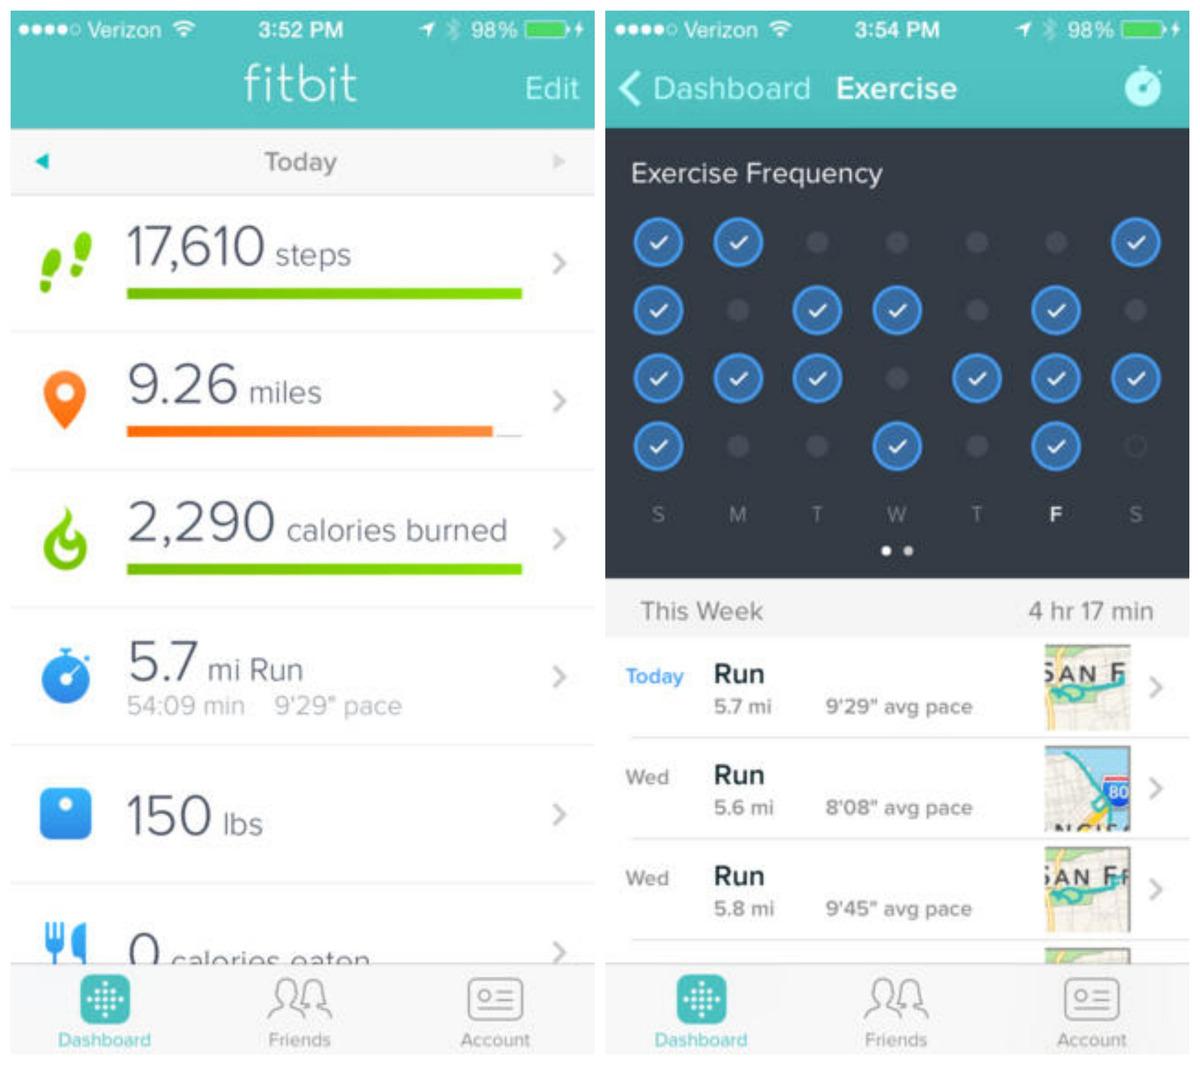 fitbit-app-update.jpg